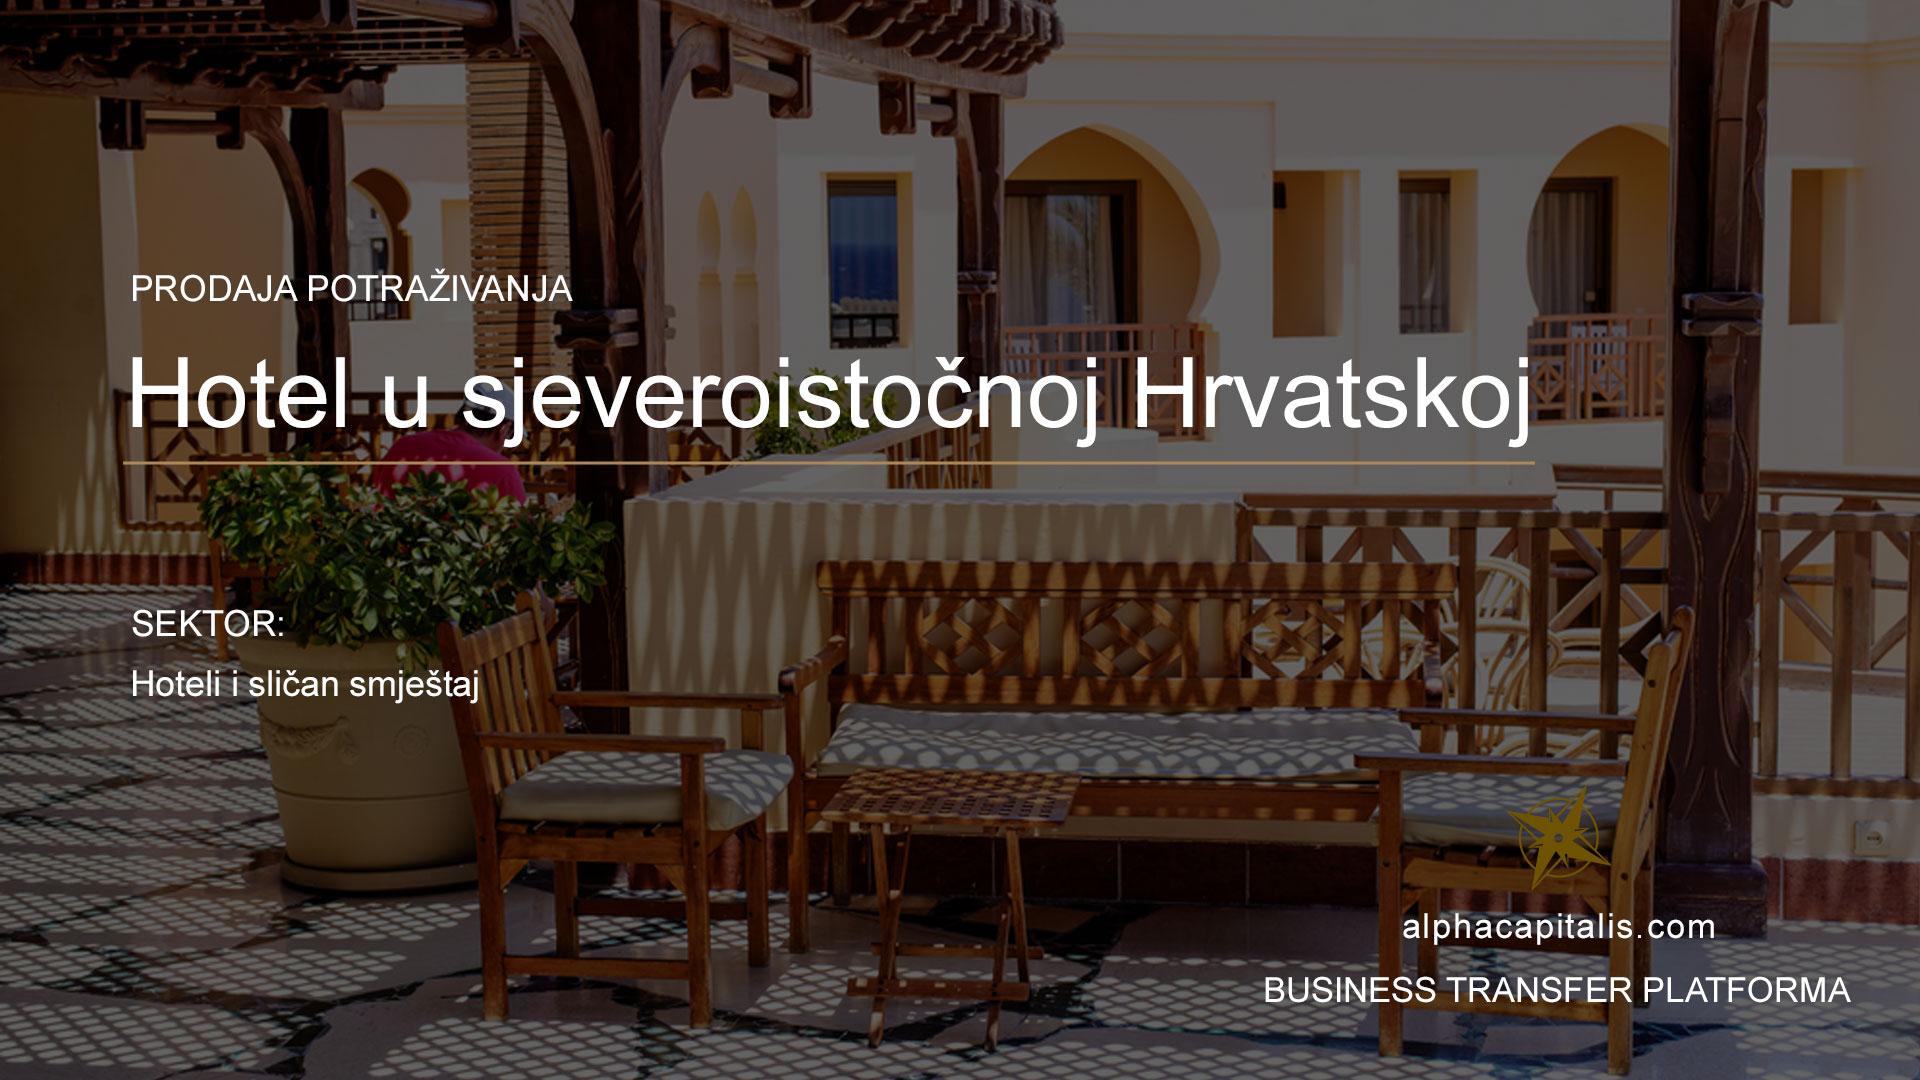 ALPHA-CAPITALIS-business-transfer-platforma-prodaja-potraživanja-hotel